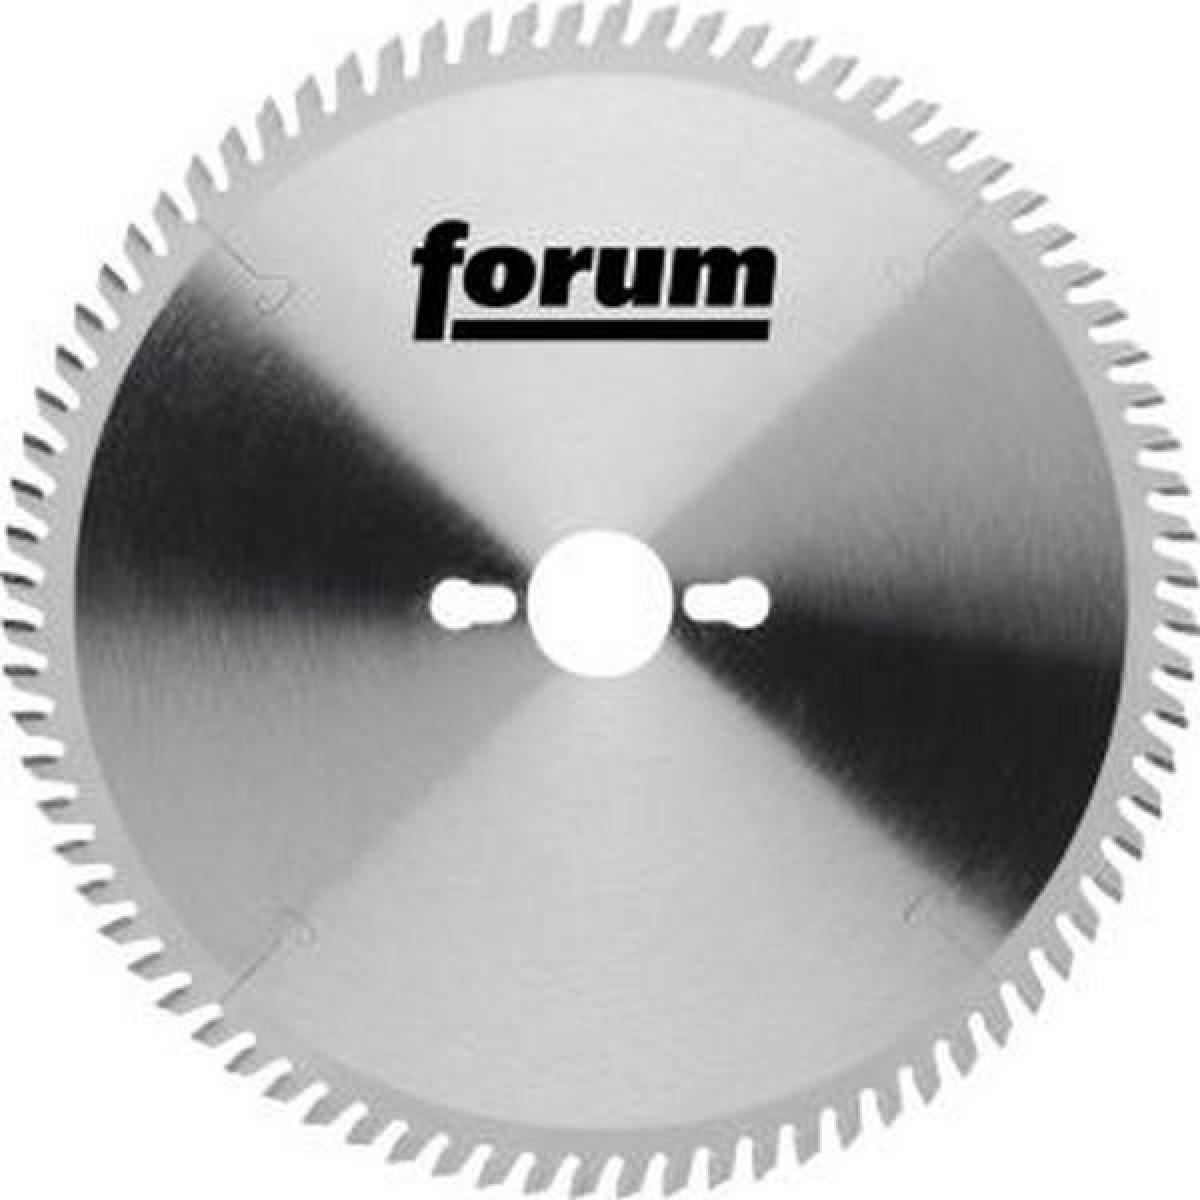 Forum Lame de scie circulaire, Ø : 303 mm, Larg. : 3,2 mm, Alésage 30 mm, Perçages secondaires : 2KNL*, Dents : 60